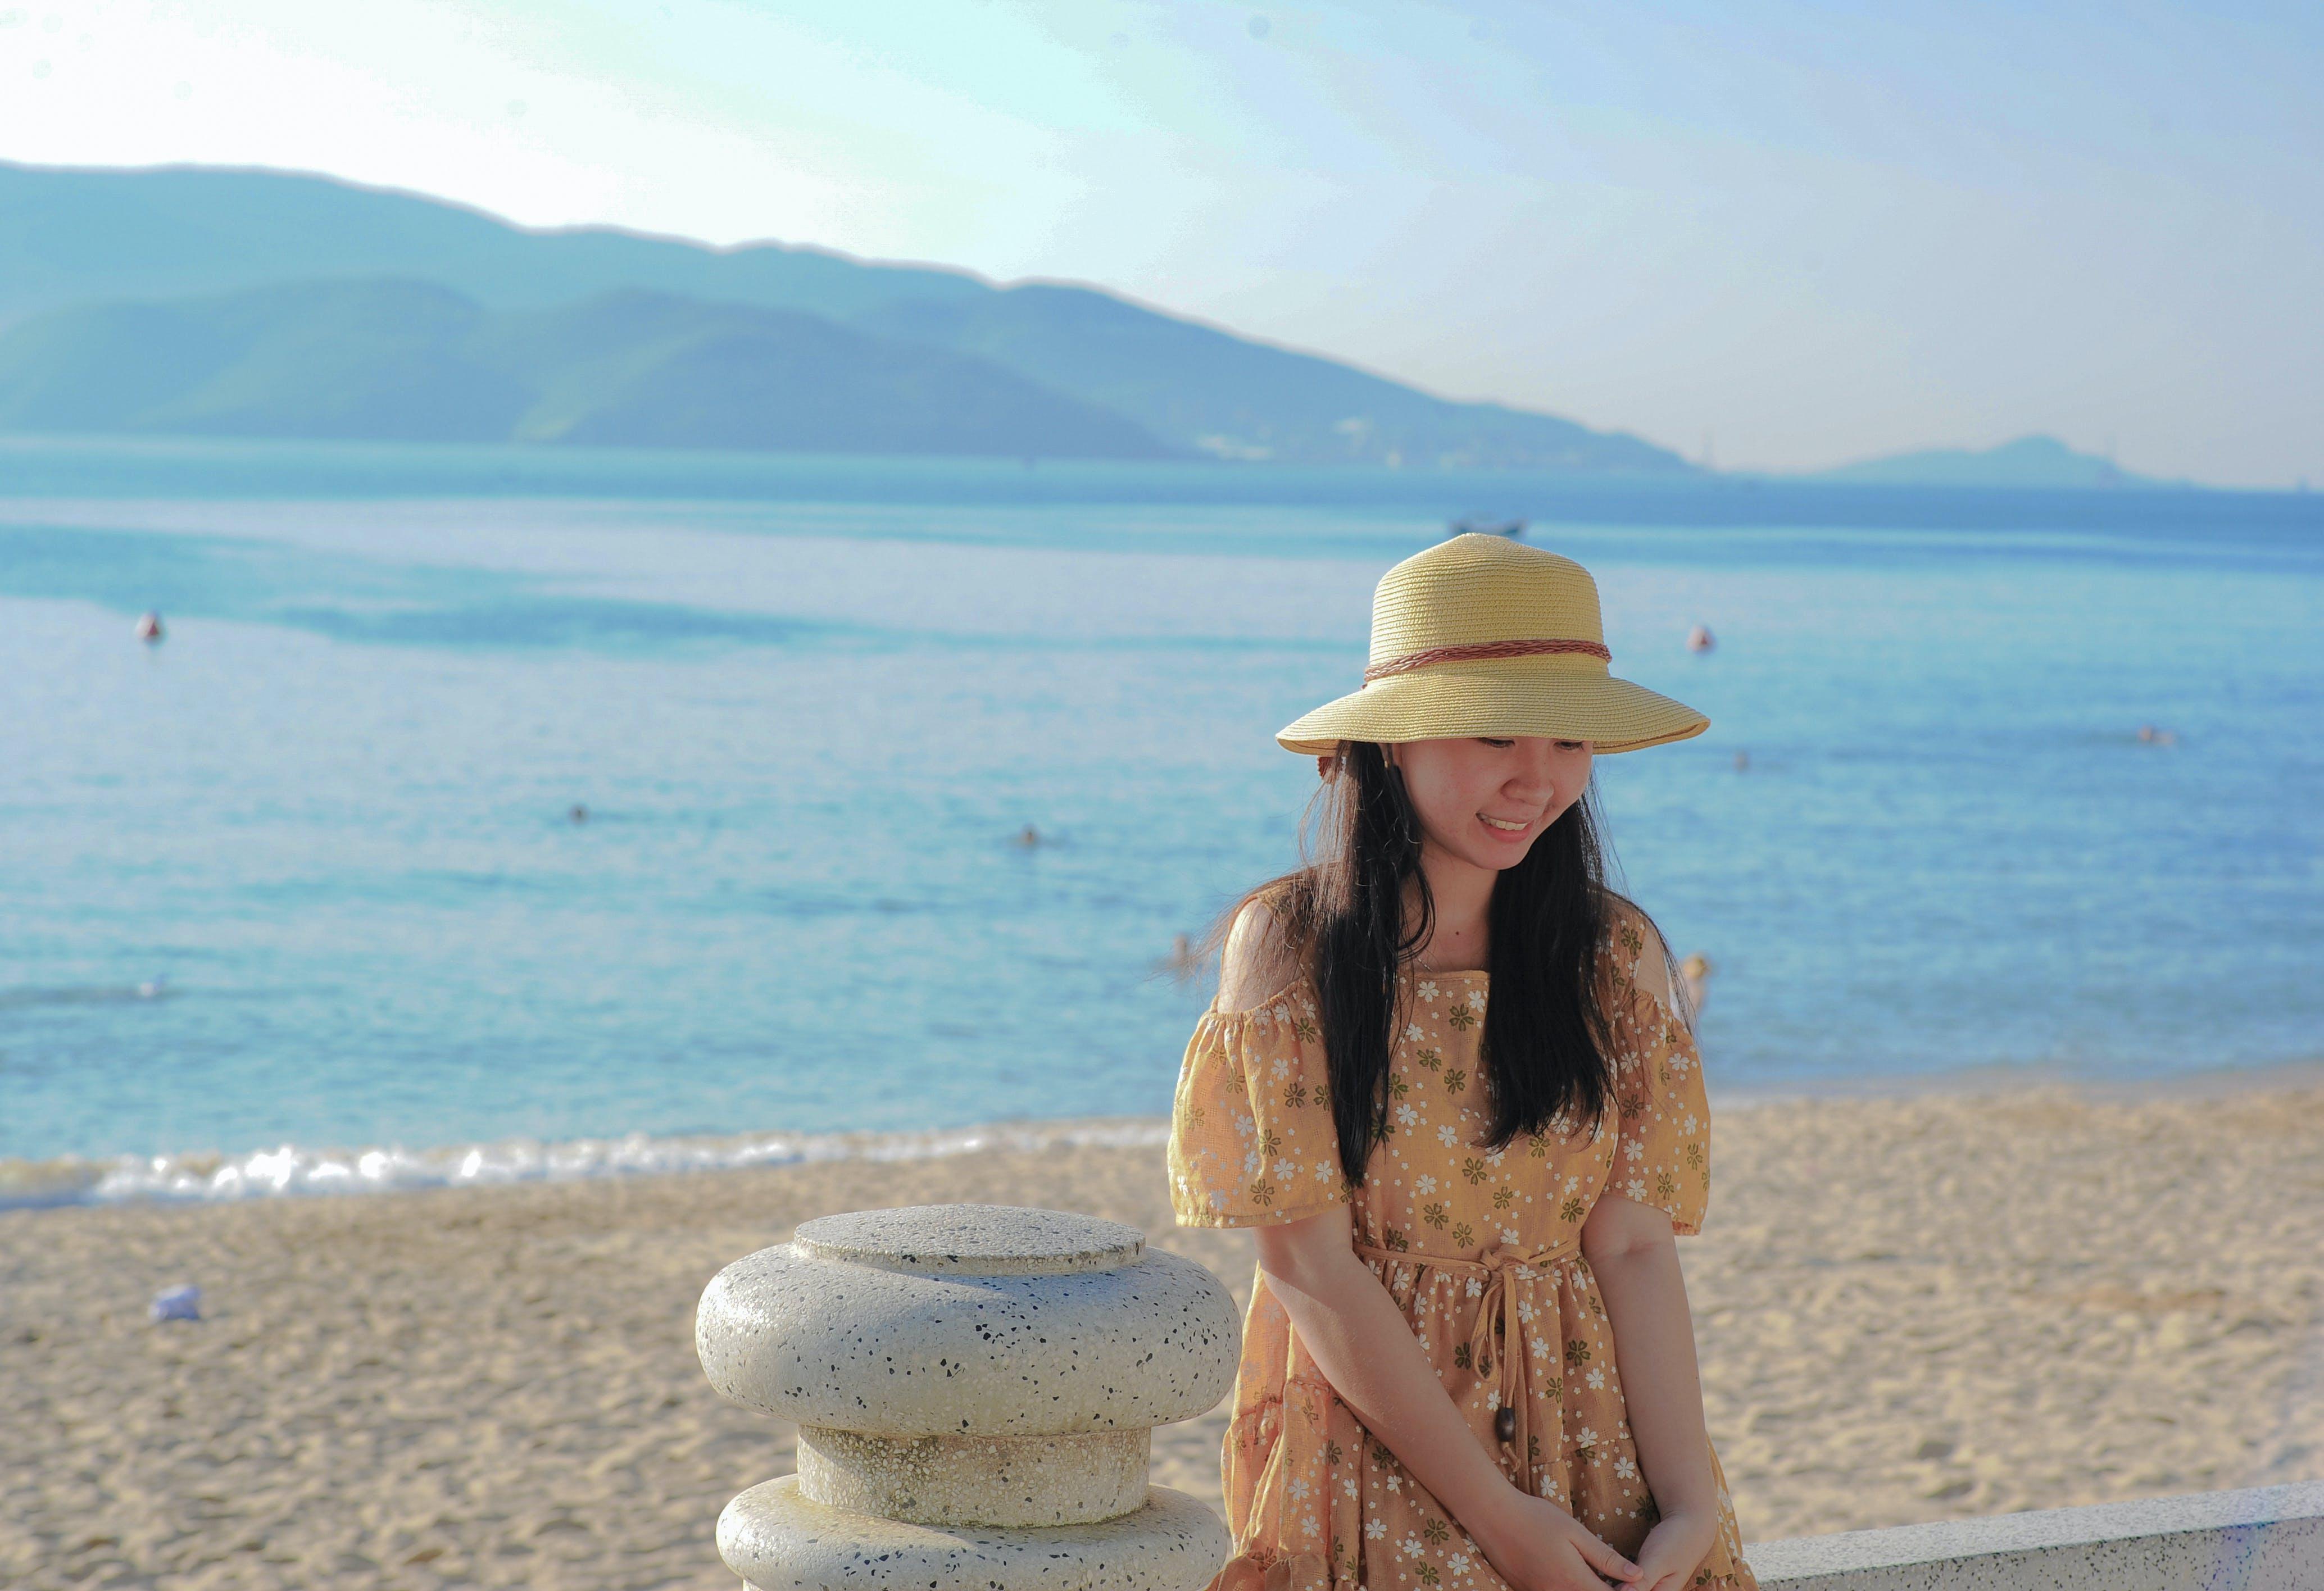 Immagine gratuita di acqua, cappello, divertimento, donna